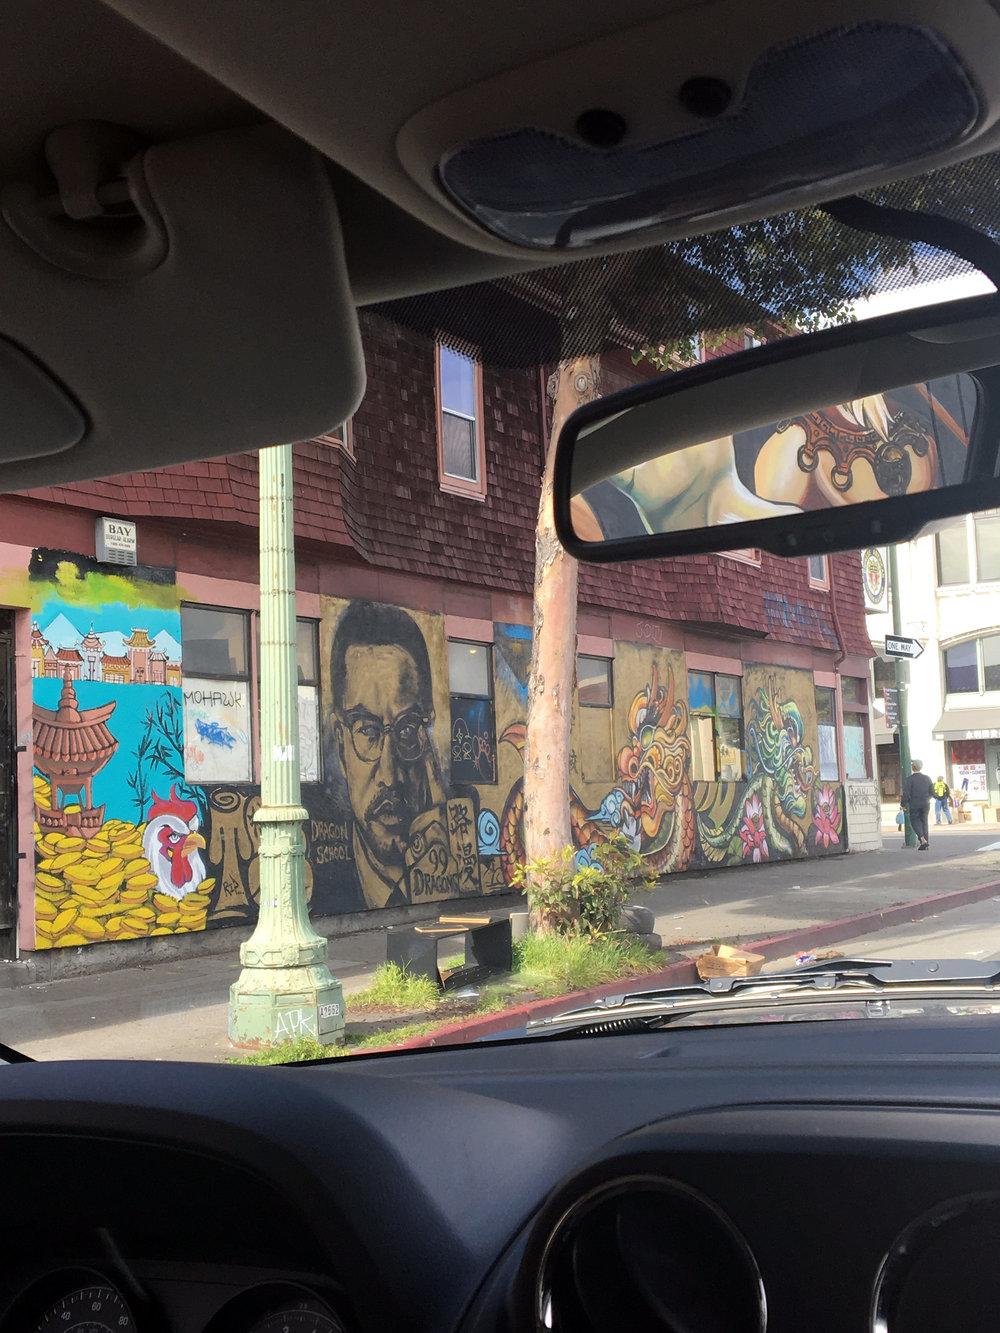 Oakland-California-Statues-Landmarks-Travel-Traveller-LINDATENCHITRAN-Blogger-2-1616x1080.jpg